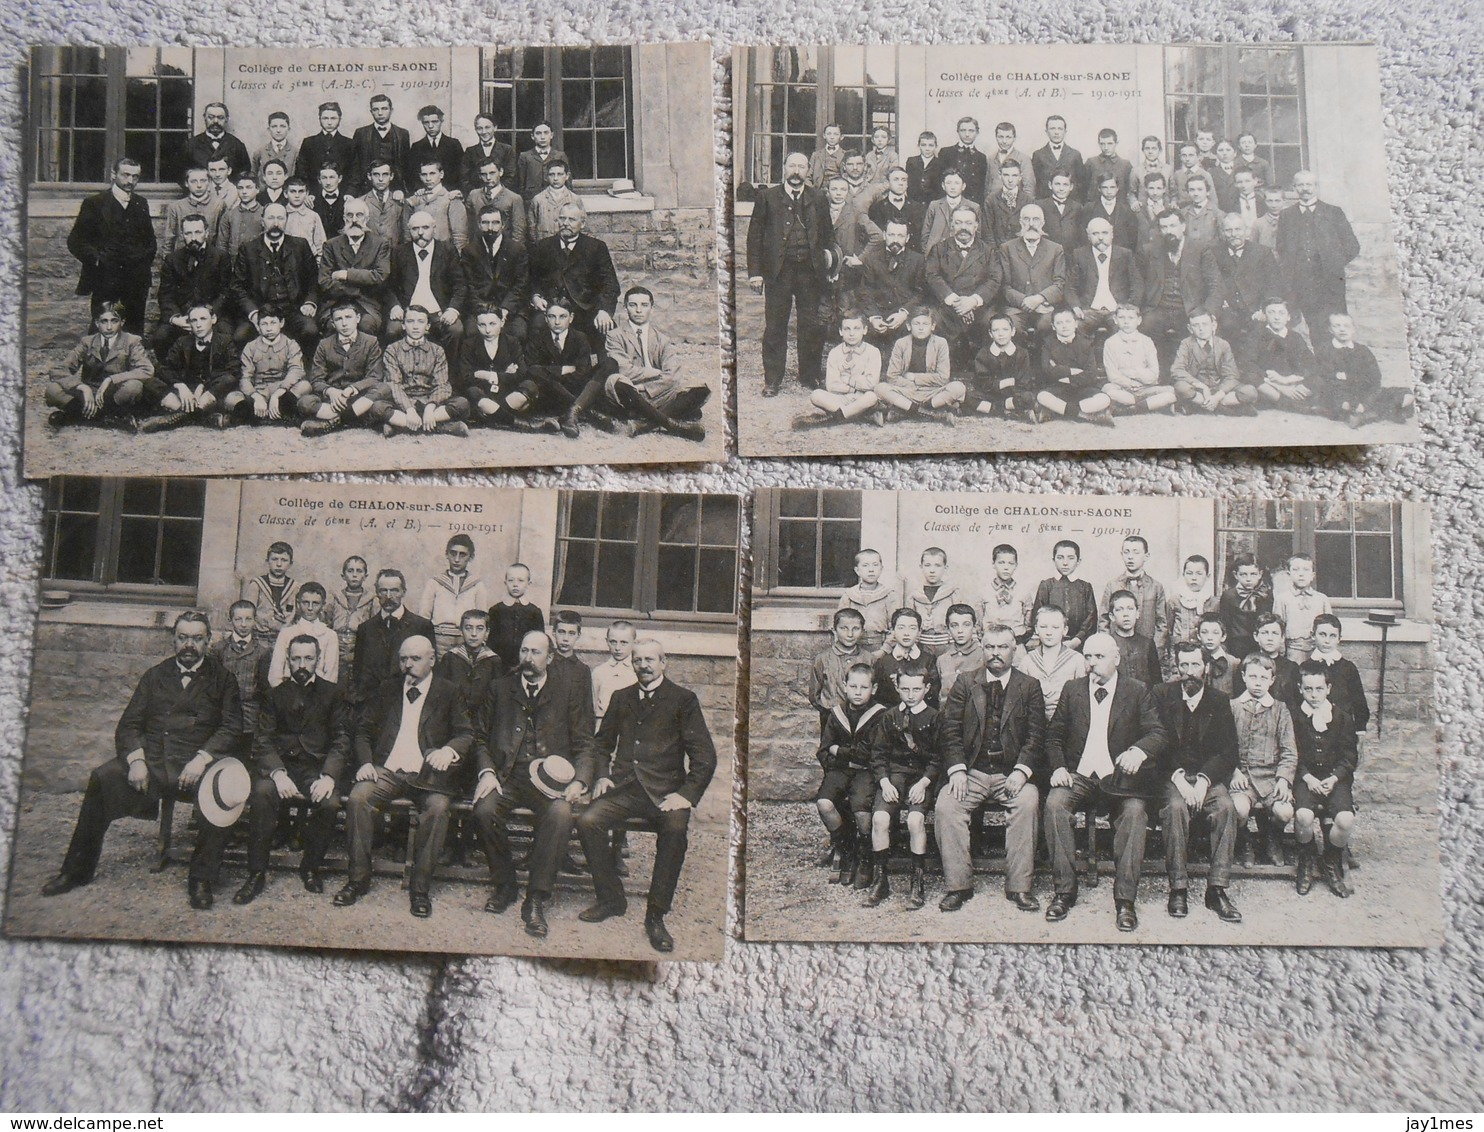 14 Cpa Chalon Sur Saone College 5 Carte 1908/ 09  8 Carte 1910/ 11 - Chalon Sur Saone